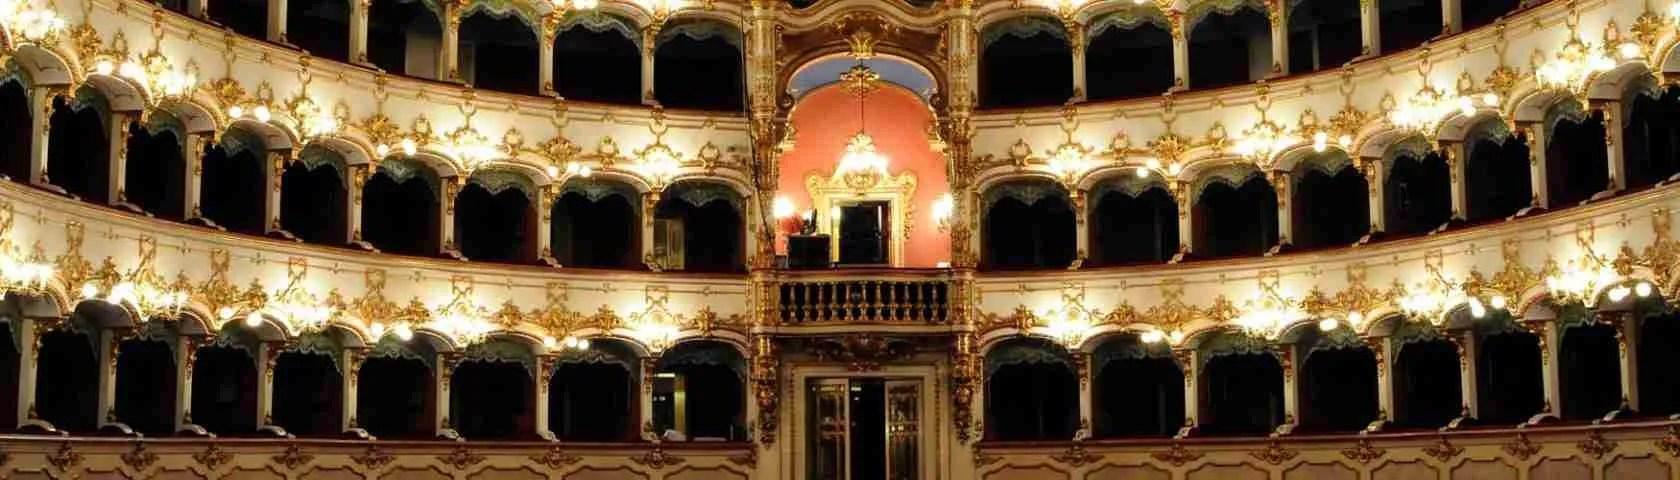 Una serata di prosa al Teatro Municipale di Piacenza è una occasione perfetta da condividere con una escort Piacenza. Magica Escort